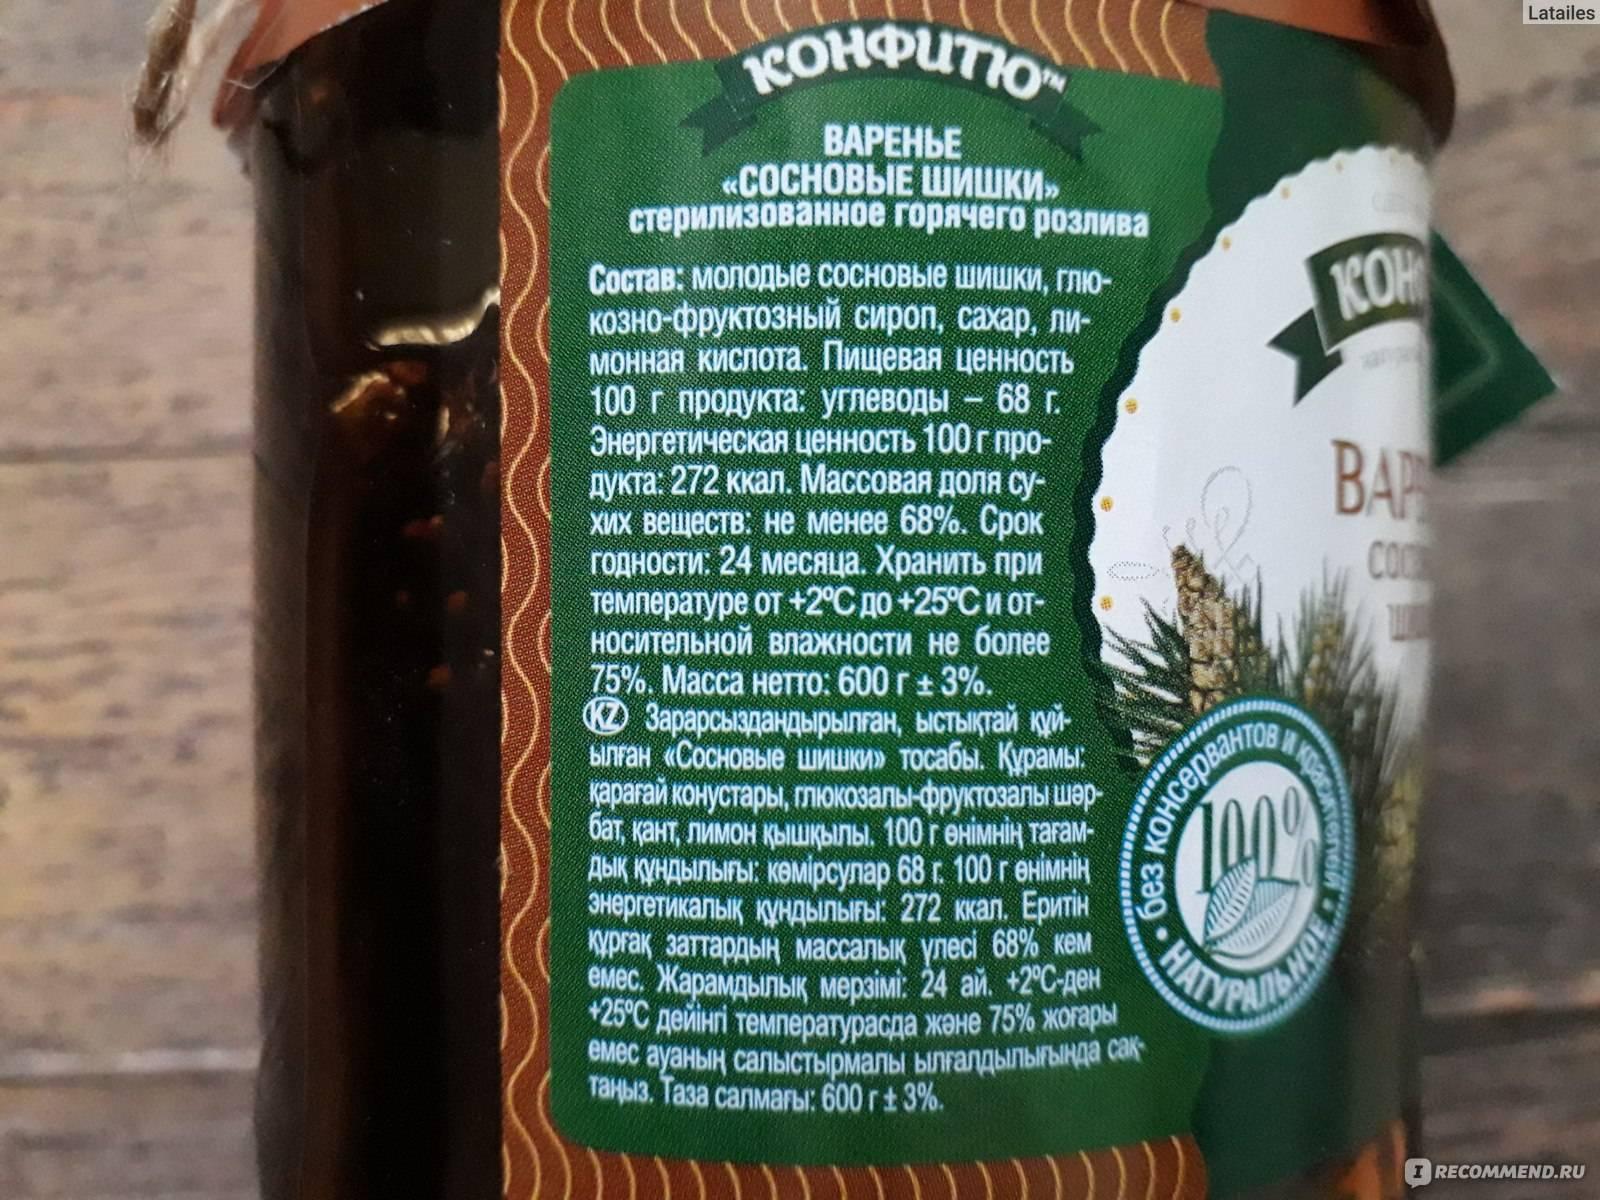 Варенье из сосновых шишек: пошаговые рецепты